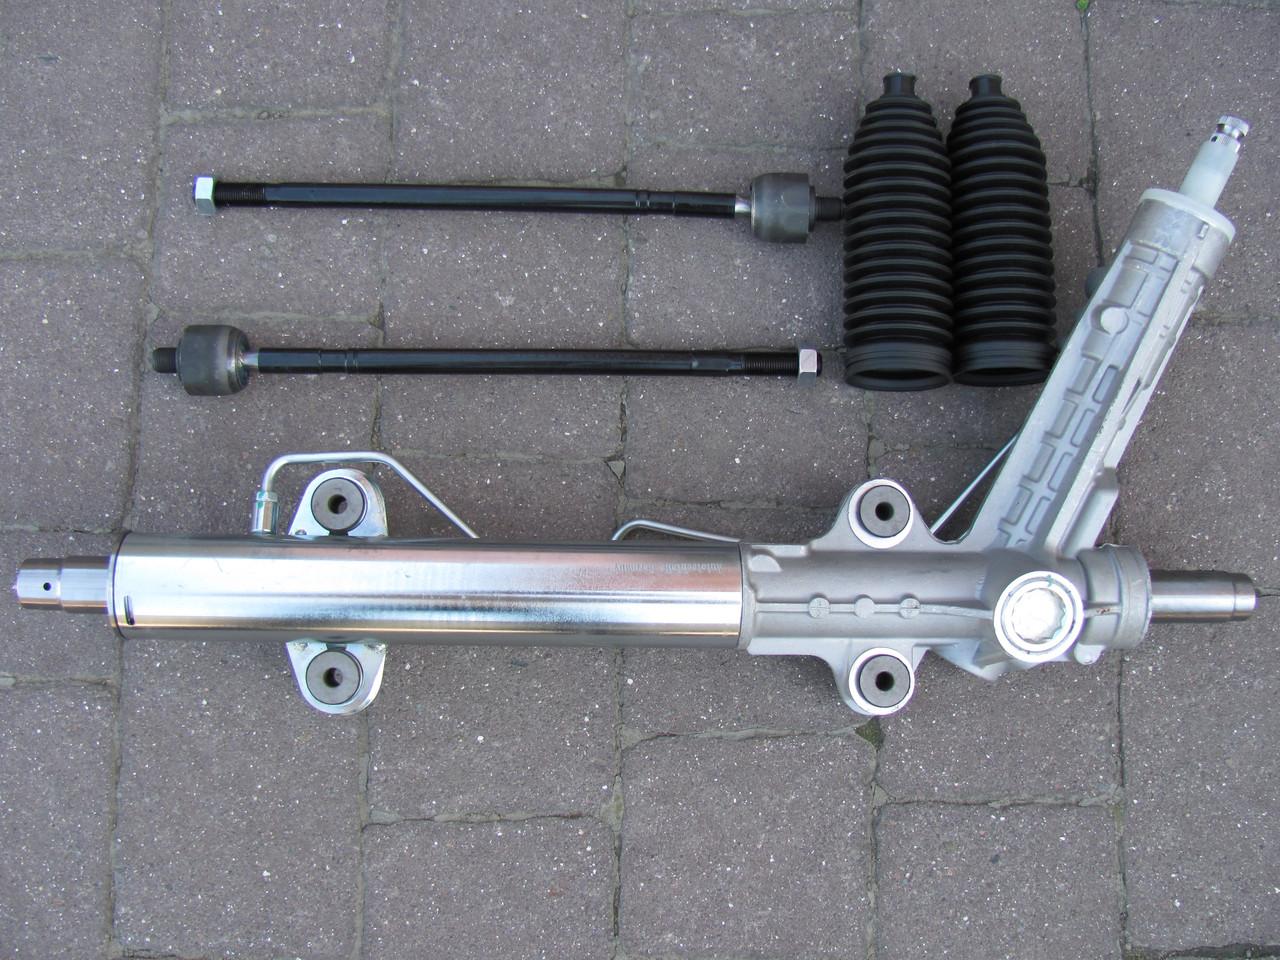 Ремонт рулевой рейки на мерседес спринтер своими руками